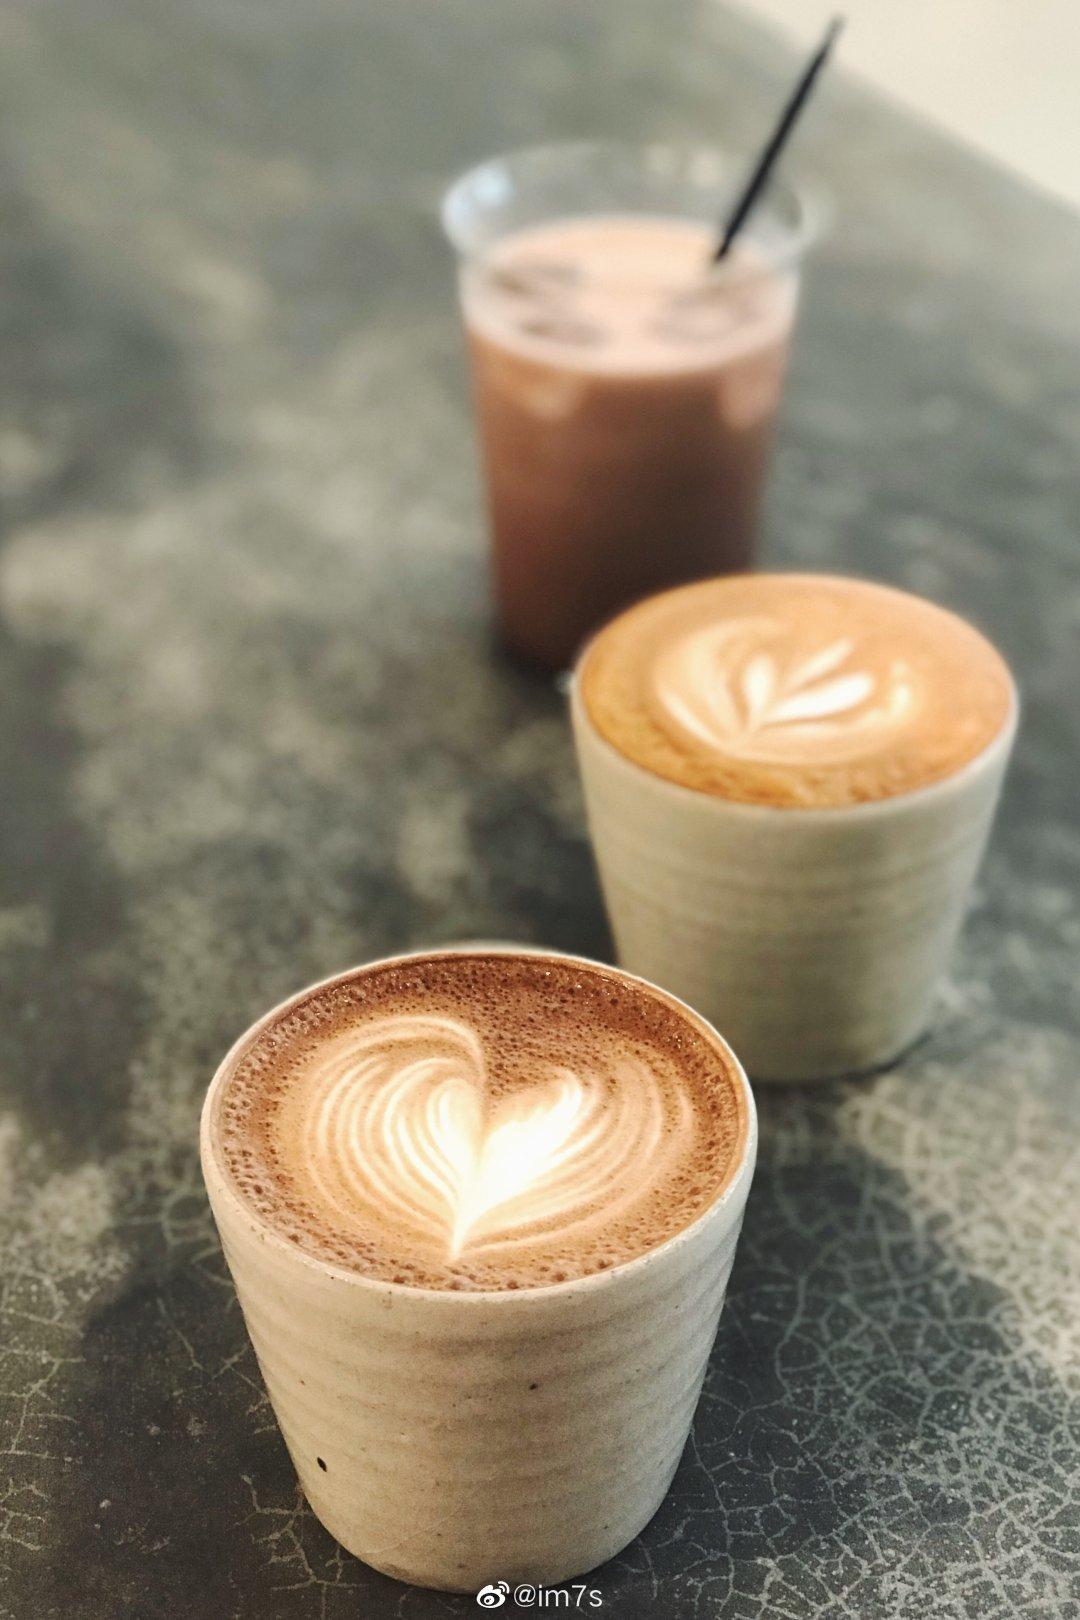 厦门人气咖啡馆:21GRAM COFFEE  文屏路嘉禾良库店  @im7s 投稿